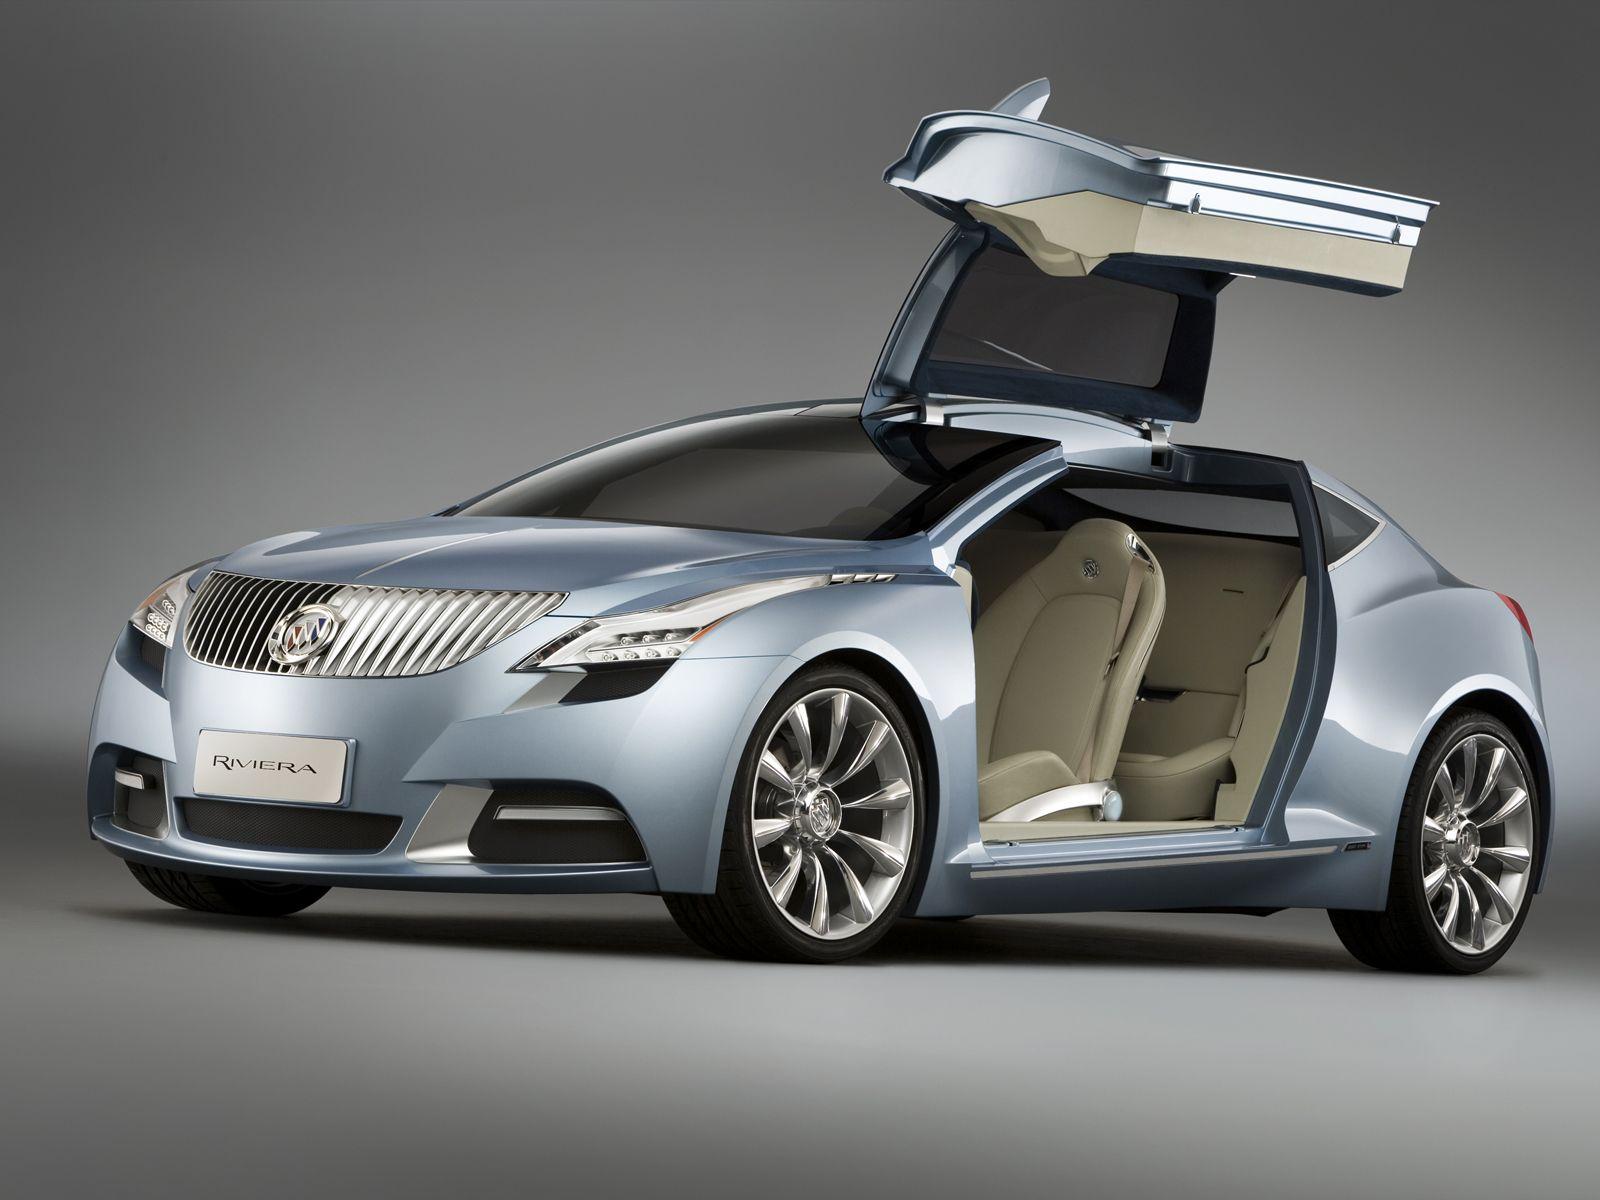 2009 Buick Riviera Concept 05